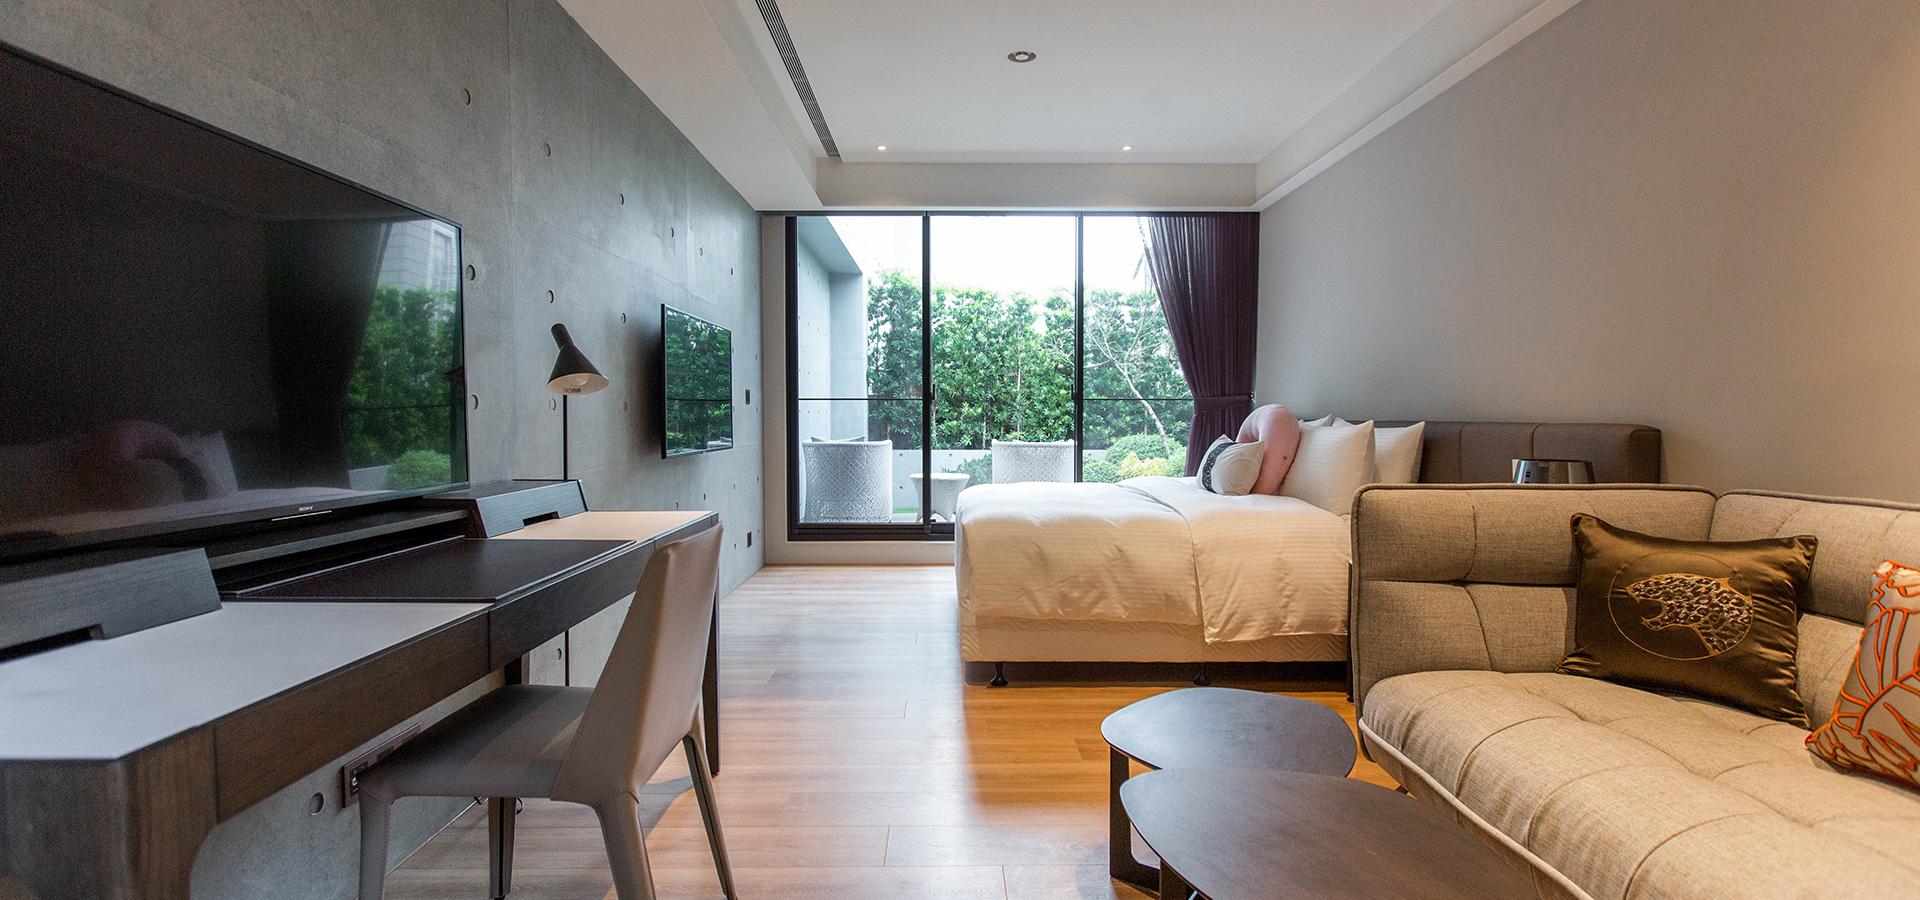 插圖 - 沙發區往陽台方向,雙電視雙人床木地板